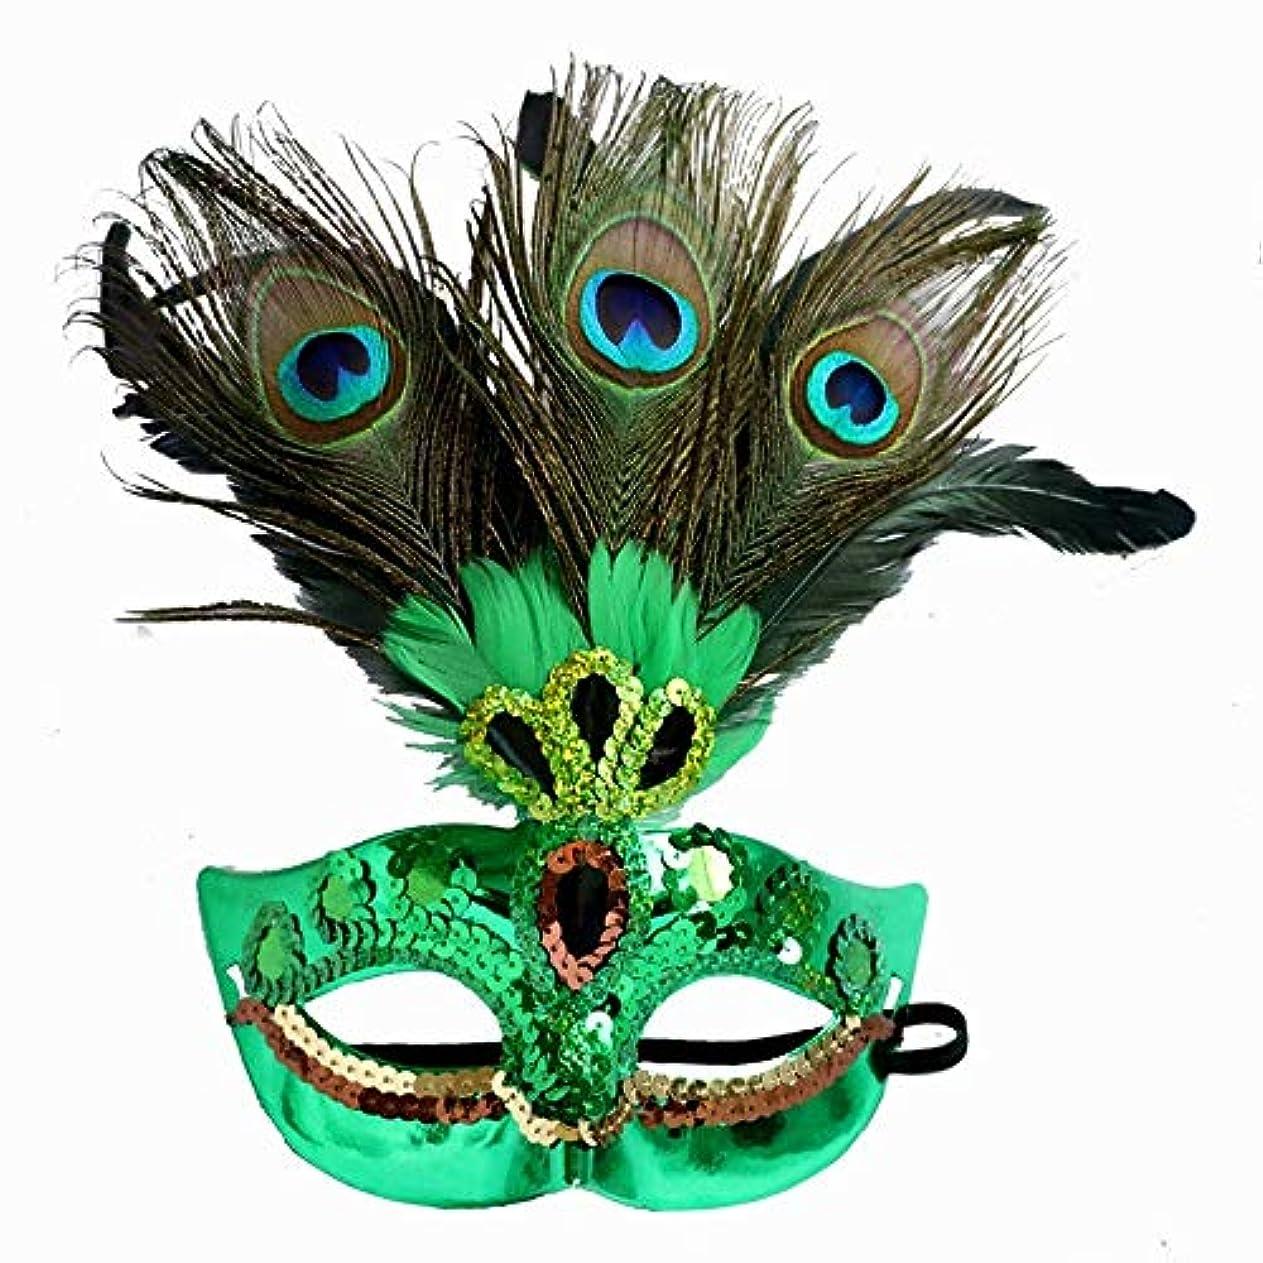 ライセンス差別追記ダンスマスク 仮面舞踏会マスククジャクの羽パーティー衣装ハロウィンマスクボール目猫女性マスクハーフマスク ホリデーパーティー用品 (色 : 緑, サイズ : 18x25cm)